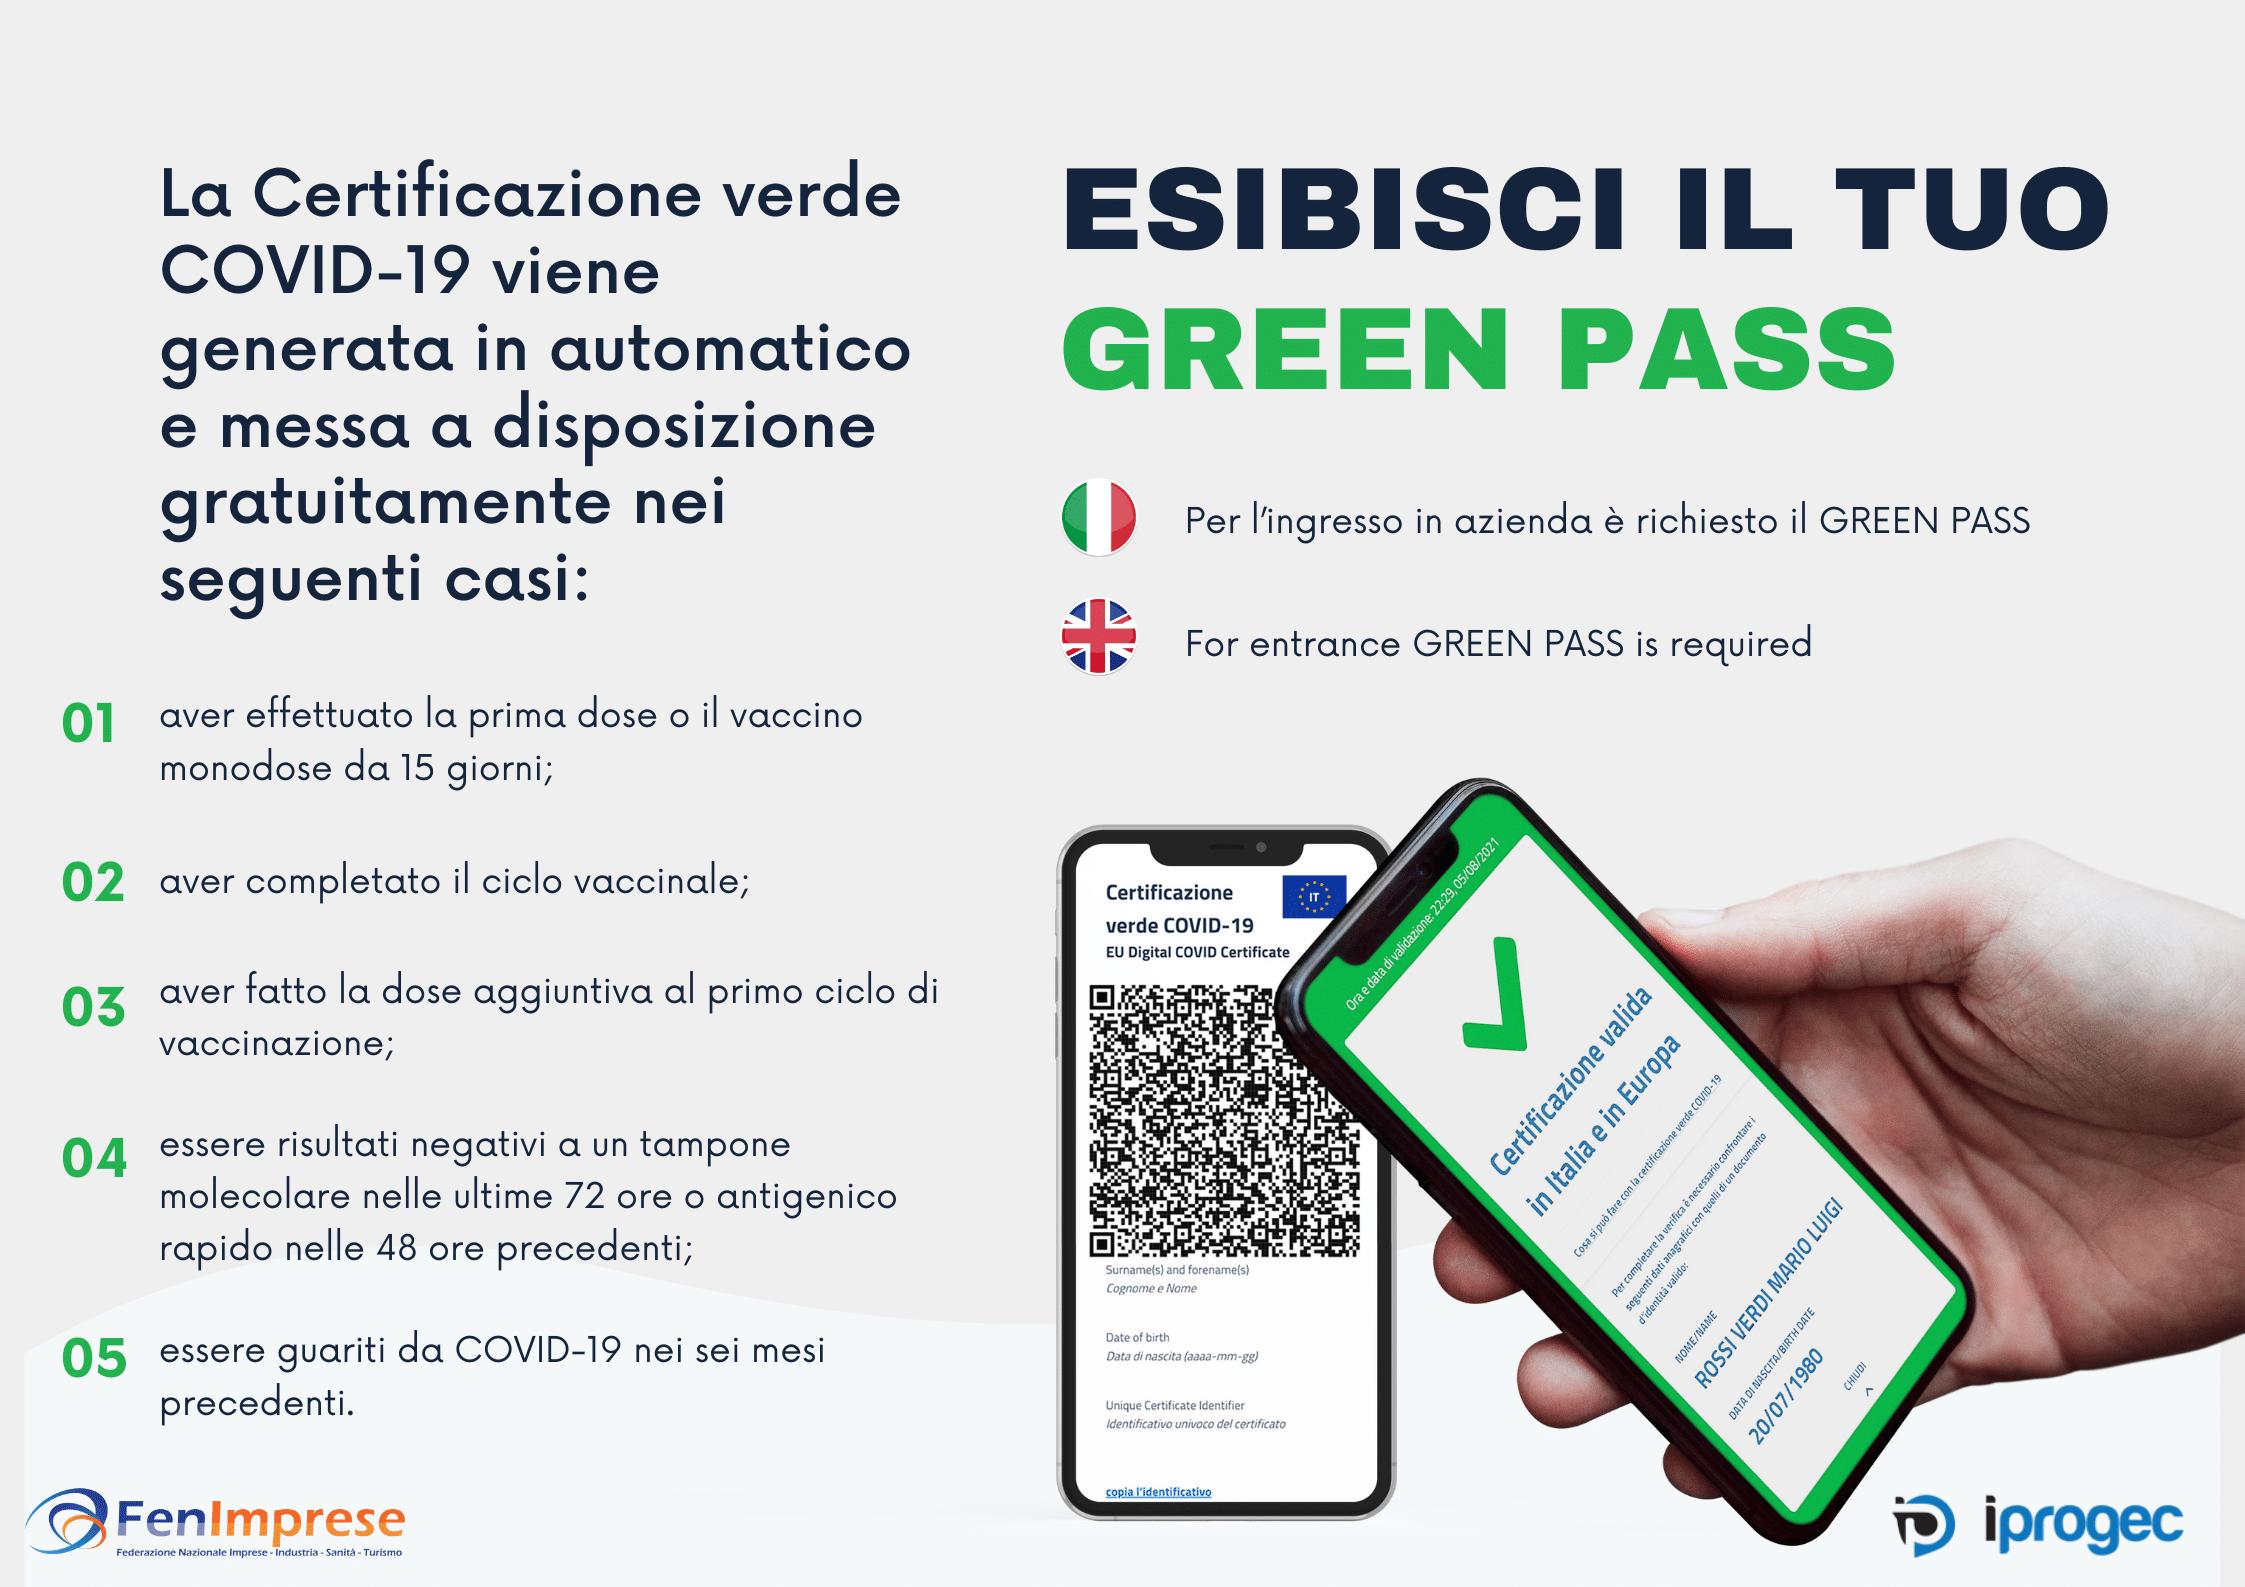 Dal 15 ottobre obbligo di possedere ed esibire il Green Pass per accedere ai luoghi di lavoro. Tutorial VerificaC19.